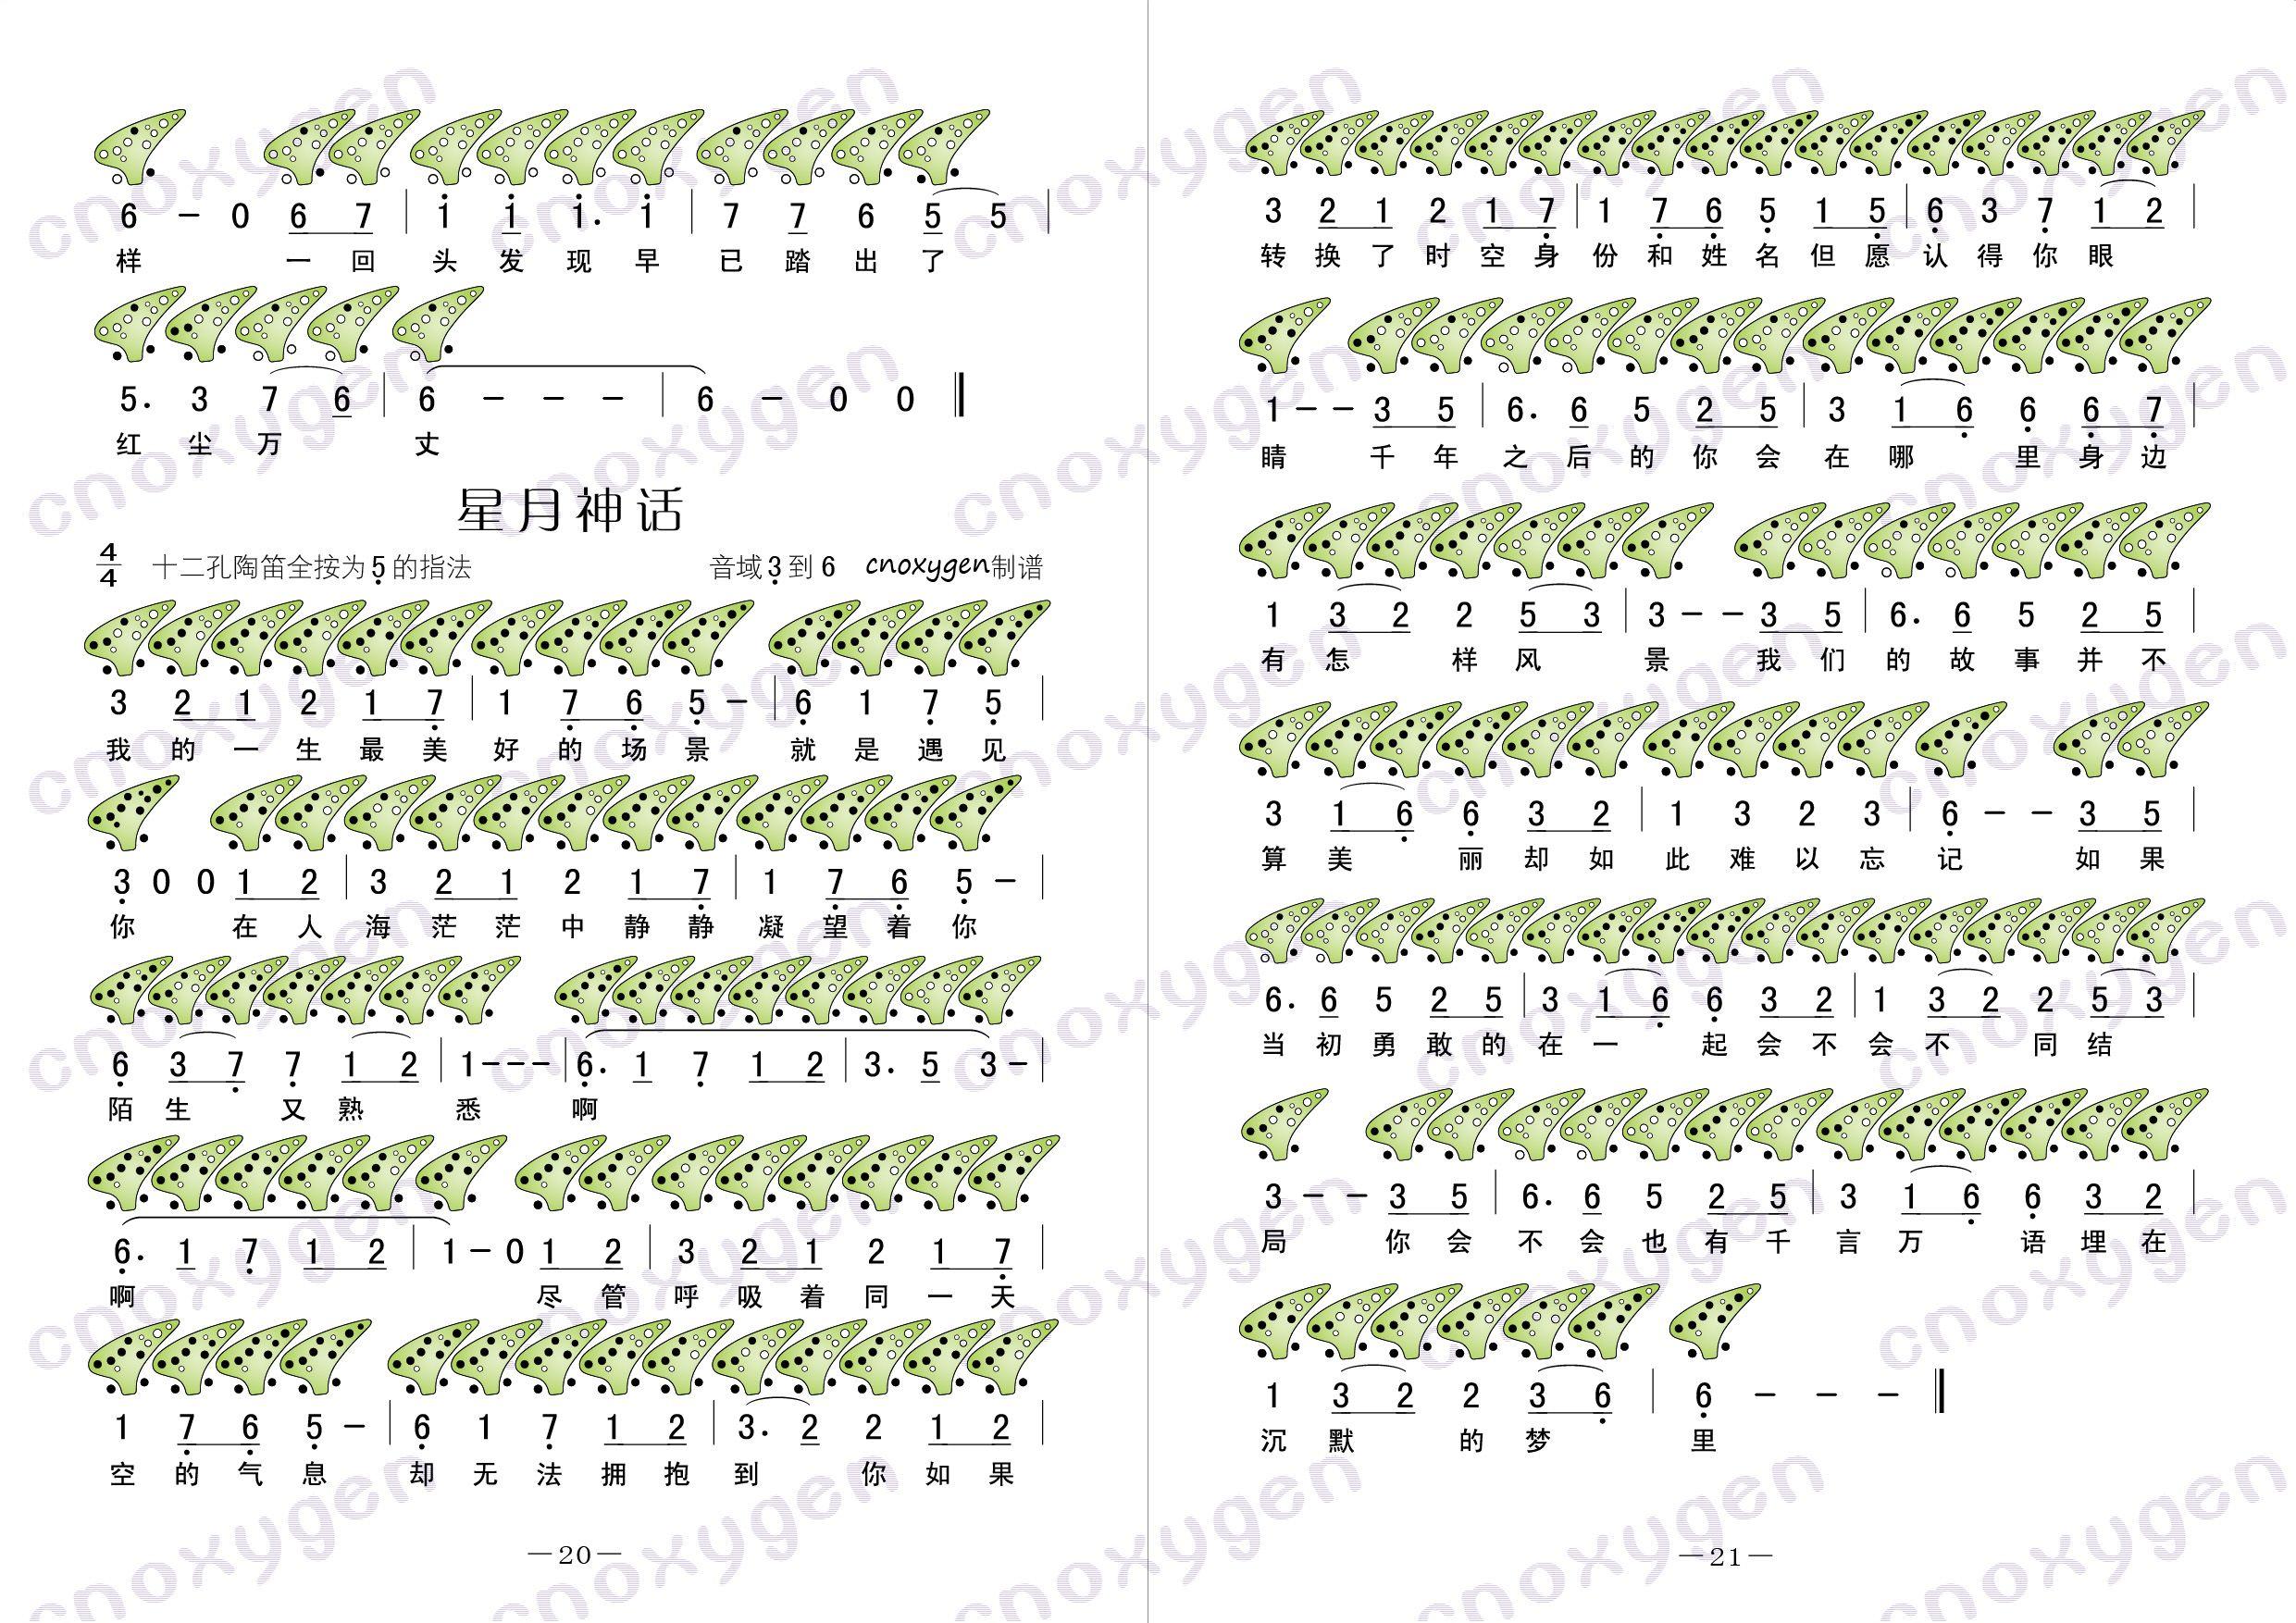 祈祷12孔陶笛曲谱分享 祈祷12孔陶笛曲谱图片下载